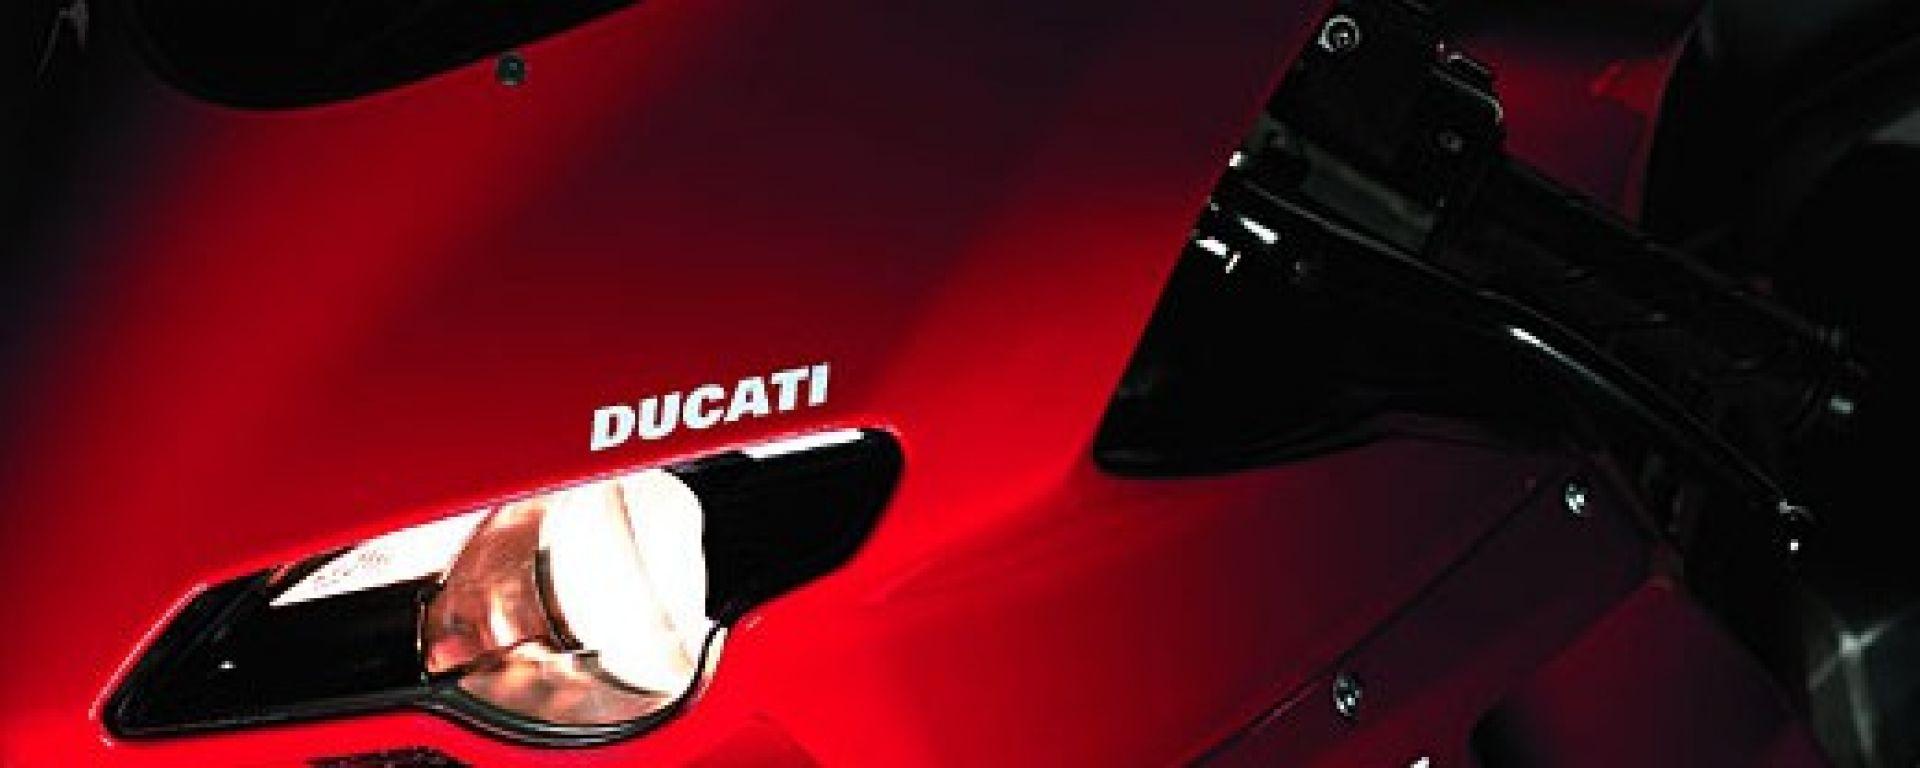 Ducati 1098 vs KTM RC8 1190